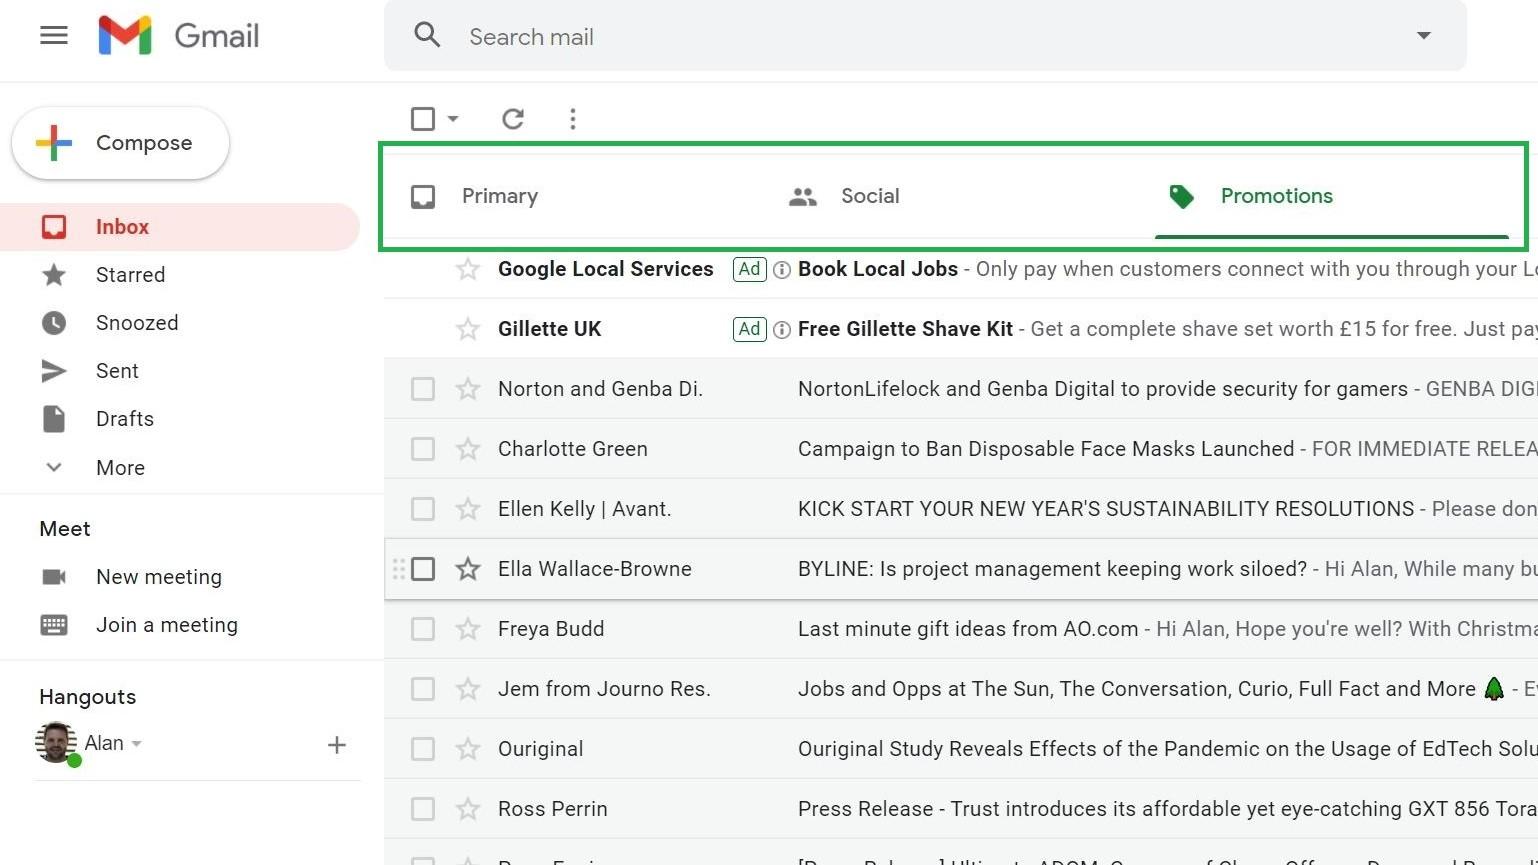 Paso 1: Cómo eliminar todo el correo electrónico en gmail